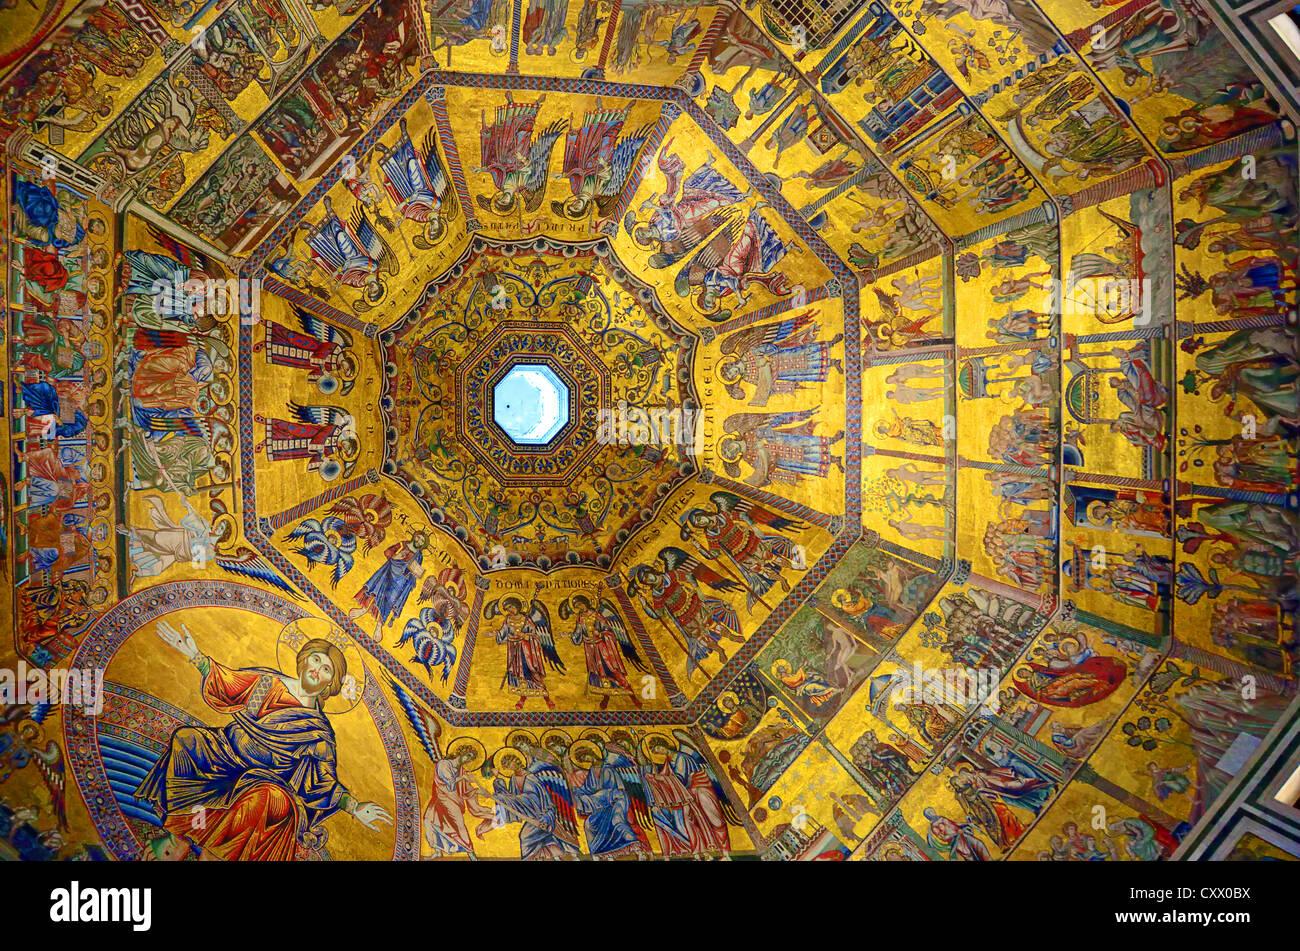 Di fronte al Duomo di Firenze sorge il Battistero. È coronata da un magnifico soffitto a mosaico. Immagini Stock